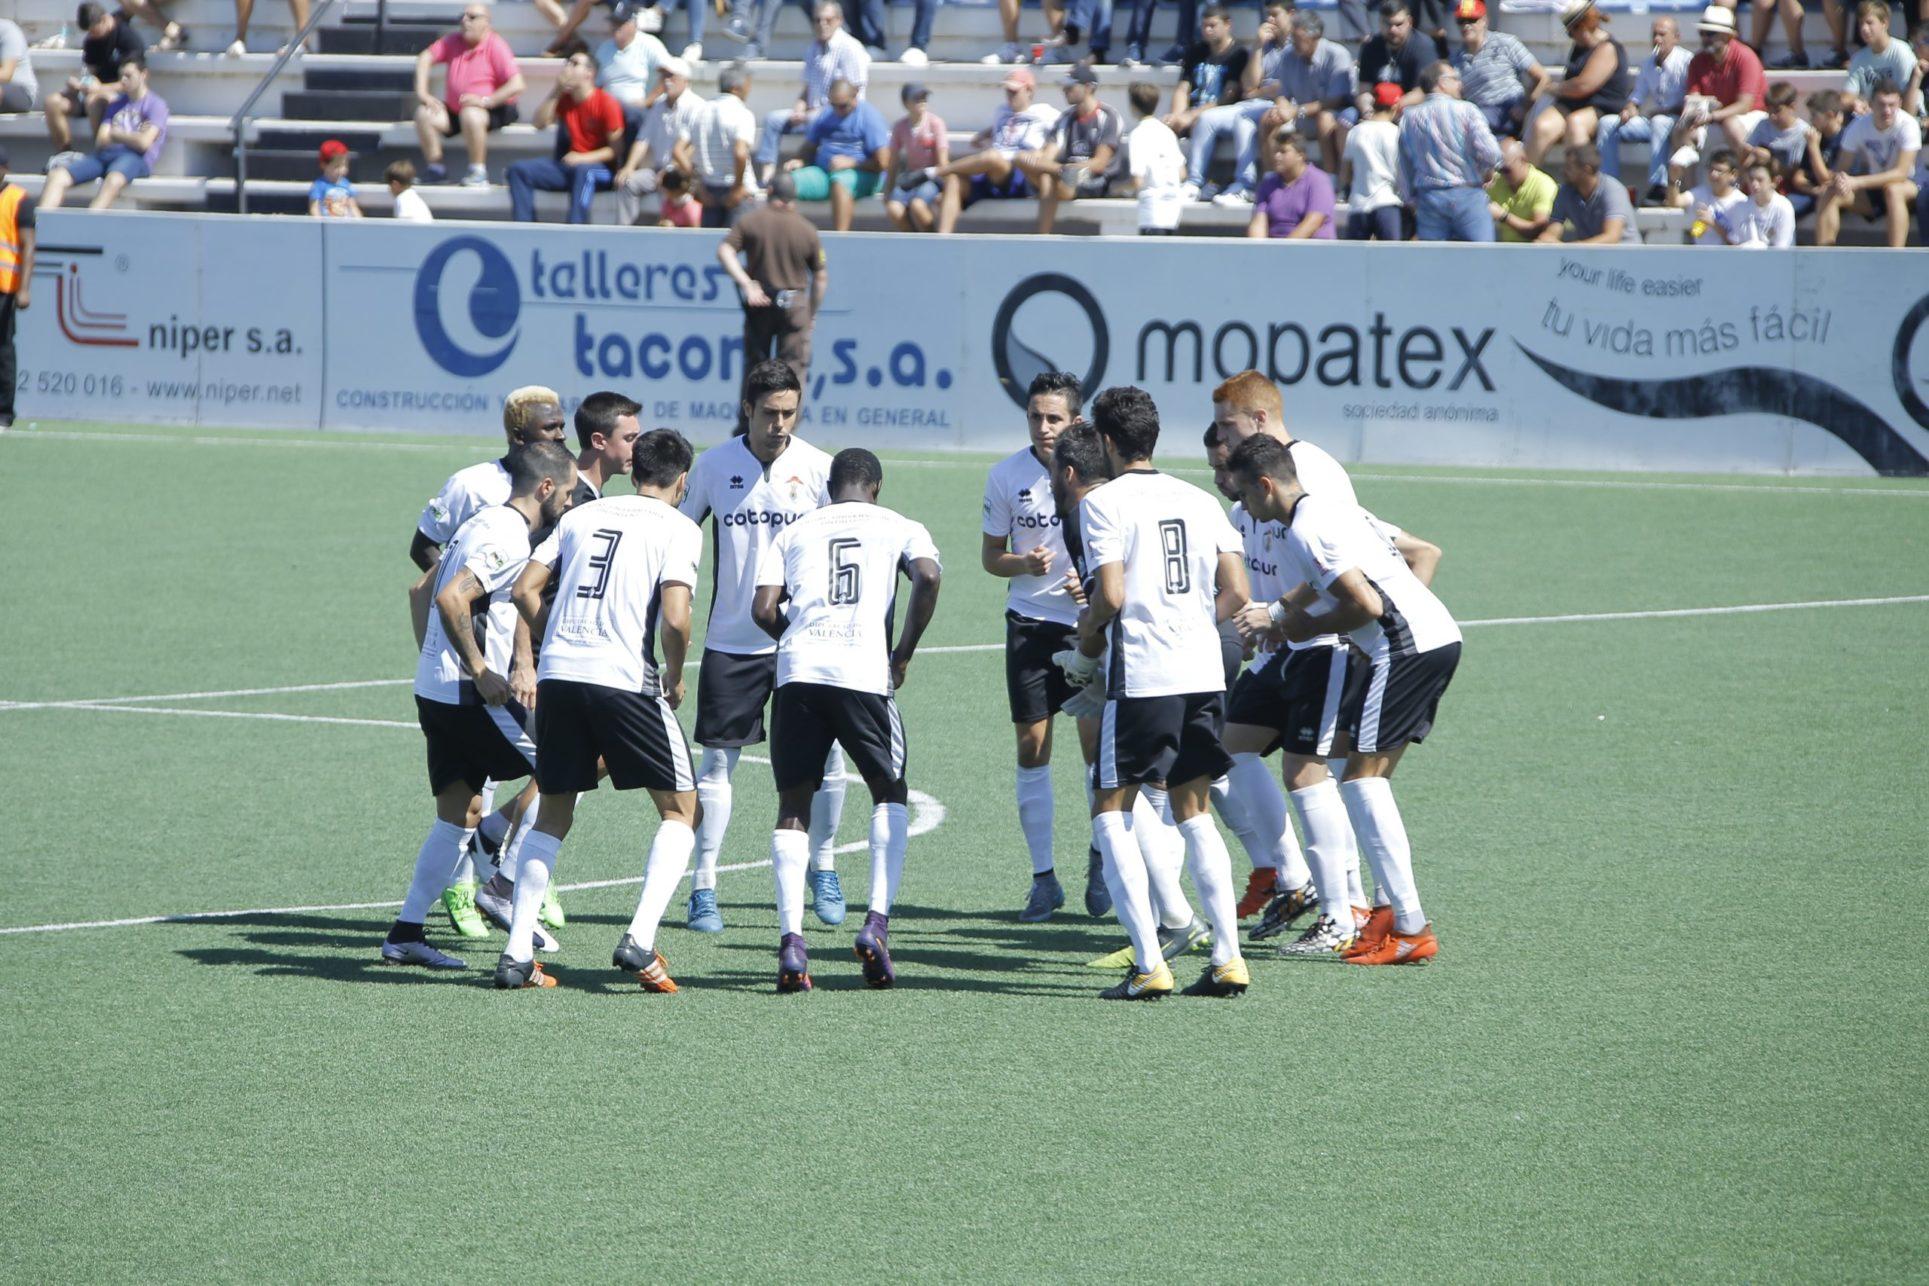 L'Ontinyent farà bo l'empat de Sabadell si guanya al Badalona El Periòdic d'Ontinyent